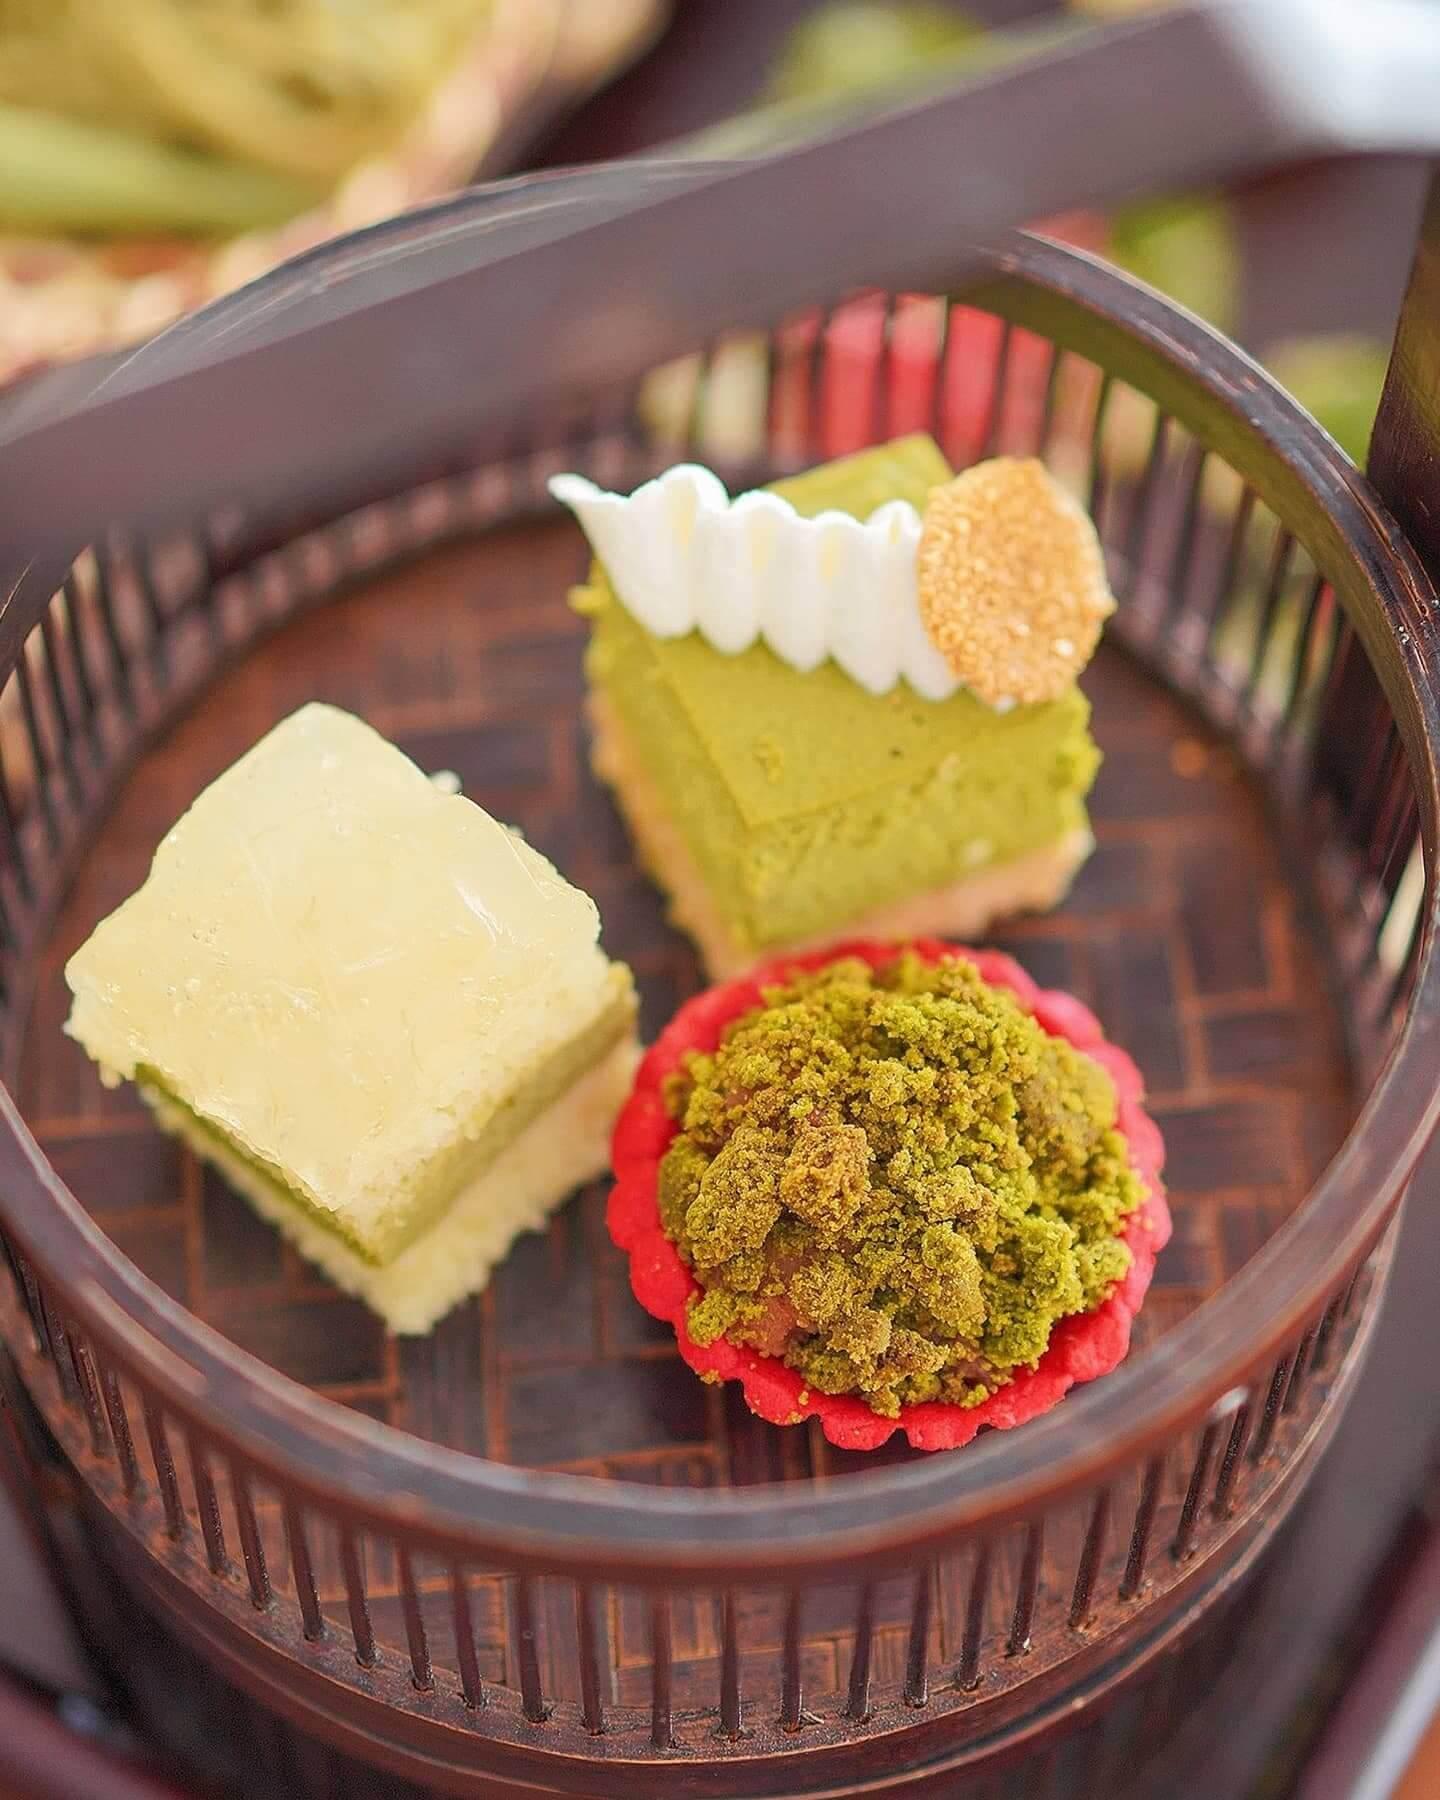 北海道綠茶奶凍配紅豆、京都綠茶白朱古力蘆薈啫喱海綿蛋糕、焗綠茶芝士餅